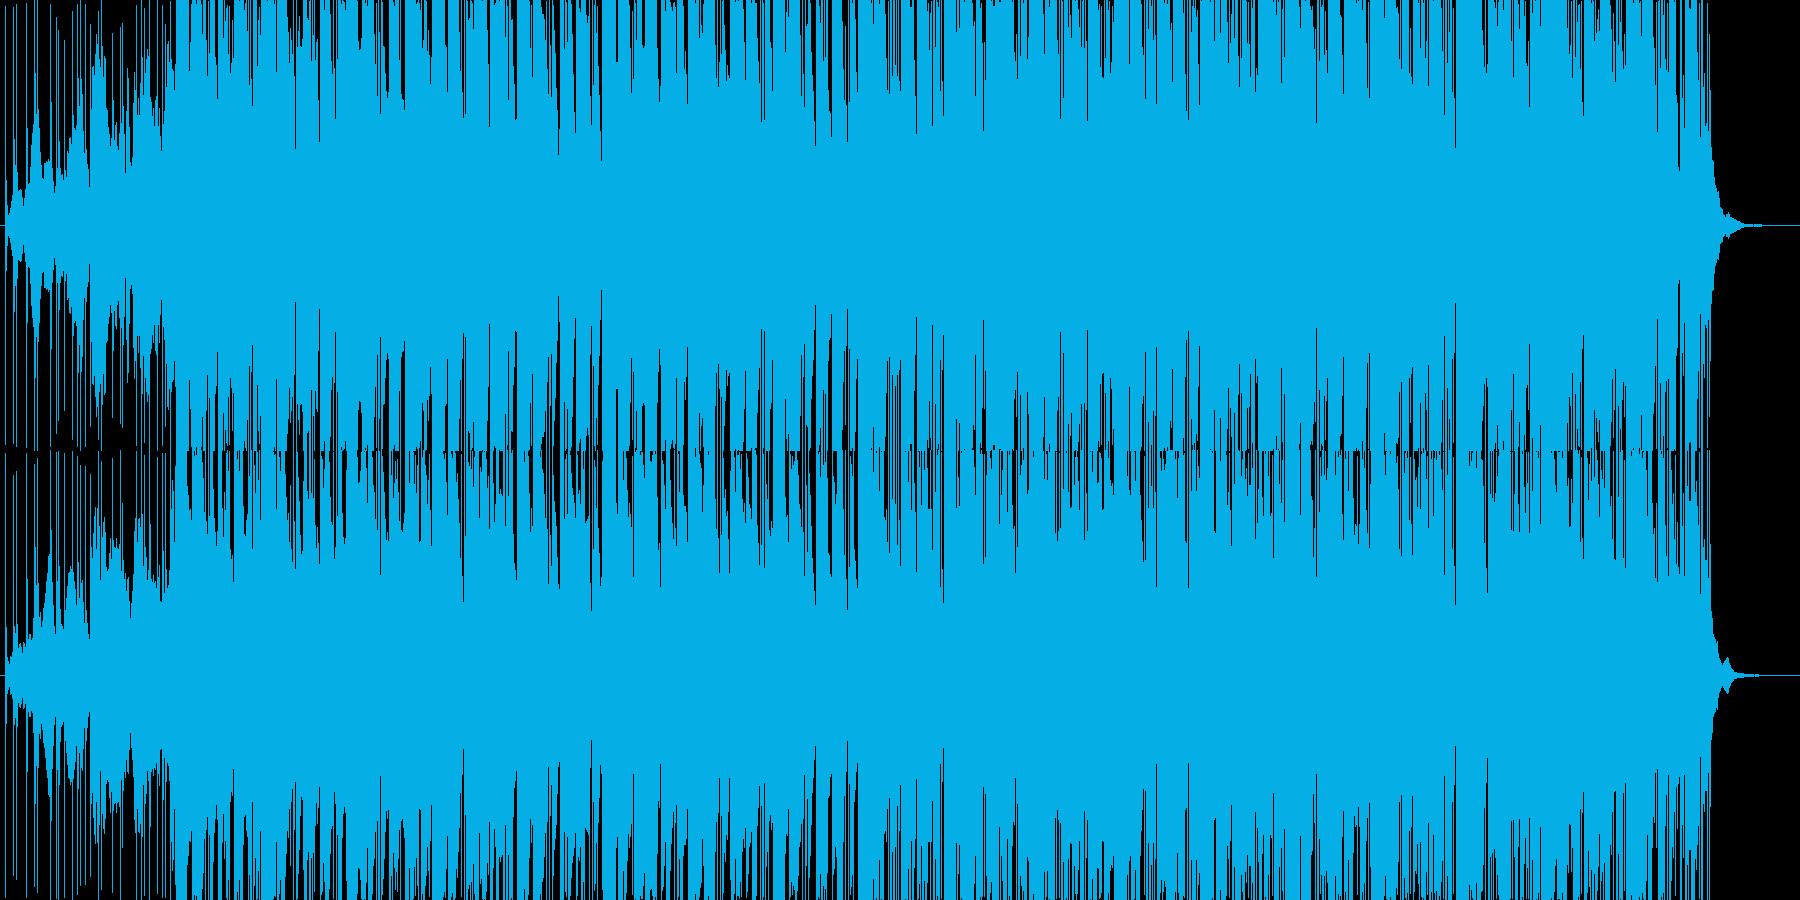 インド風楽曲の再生済みの波形